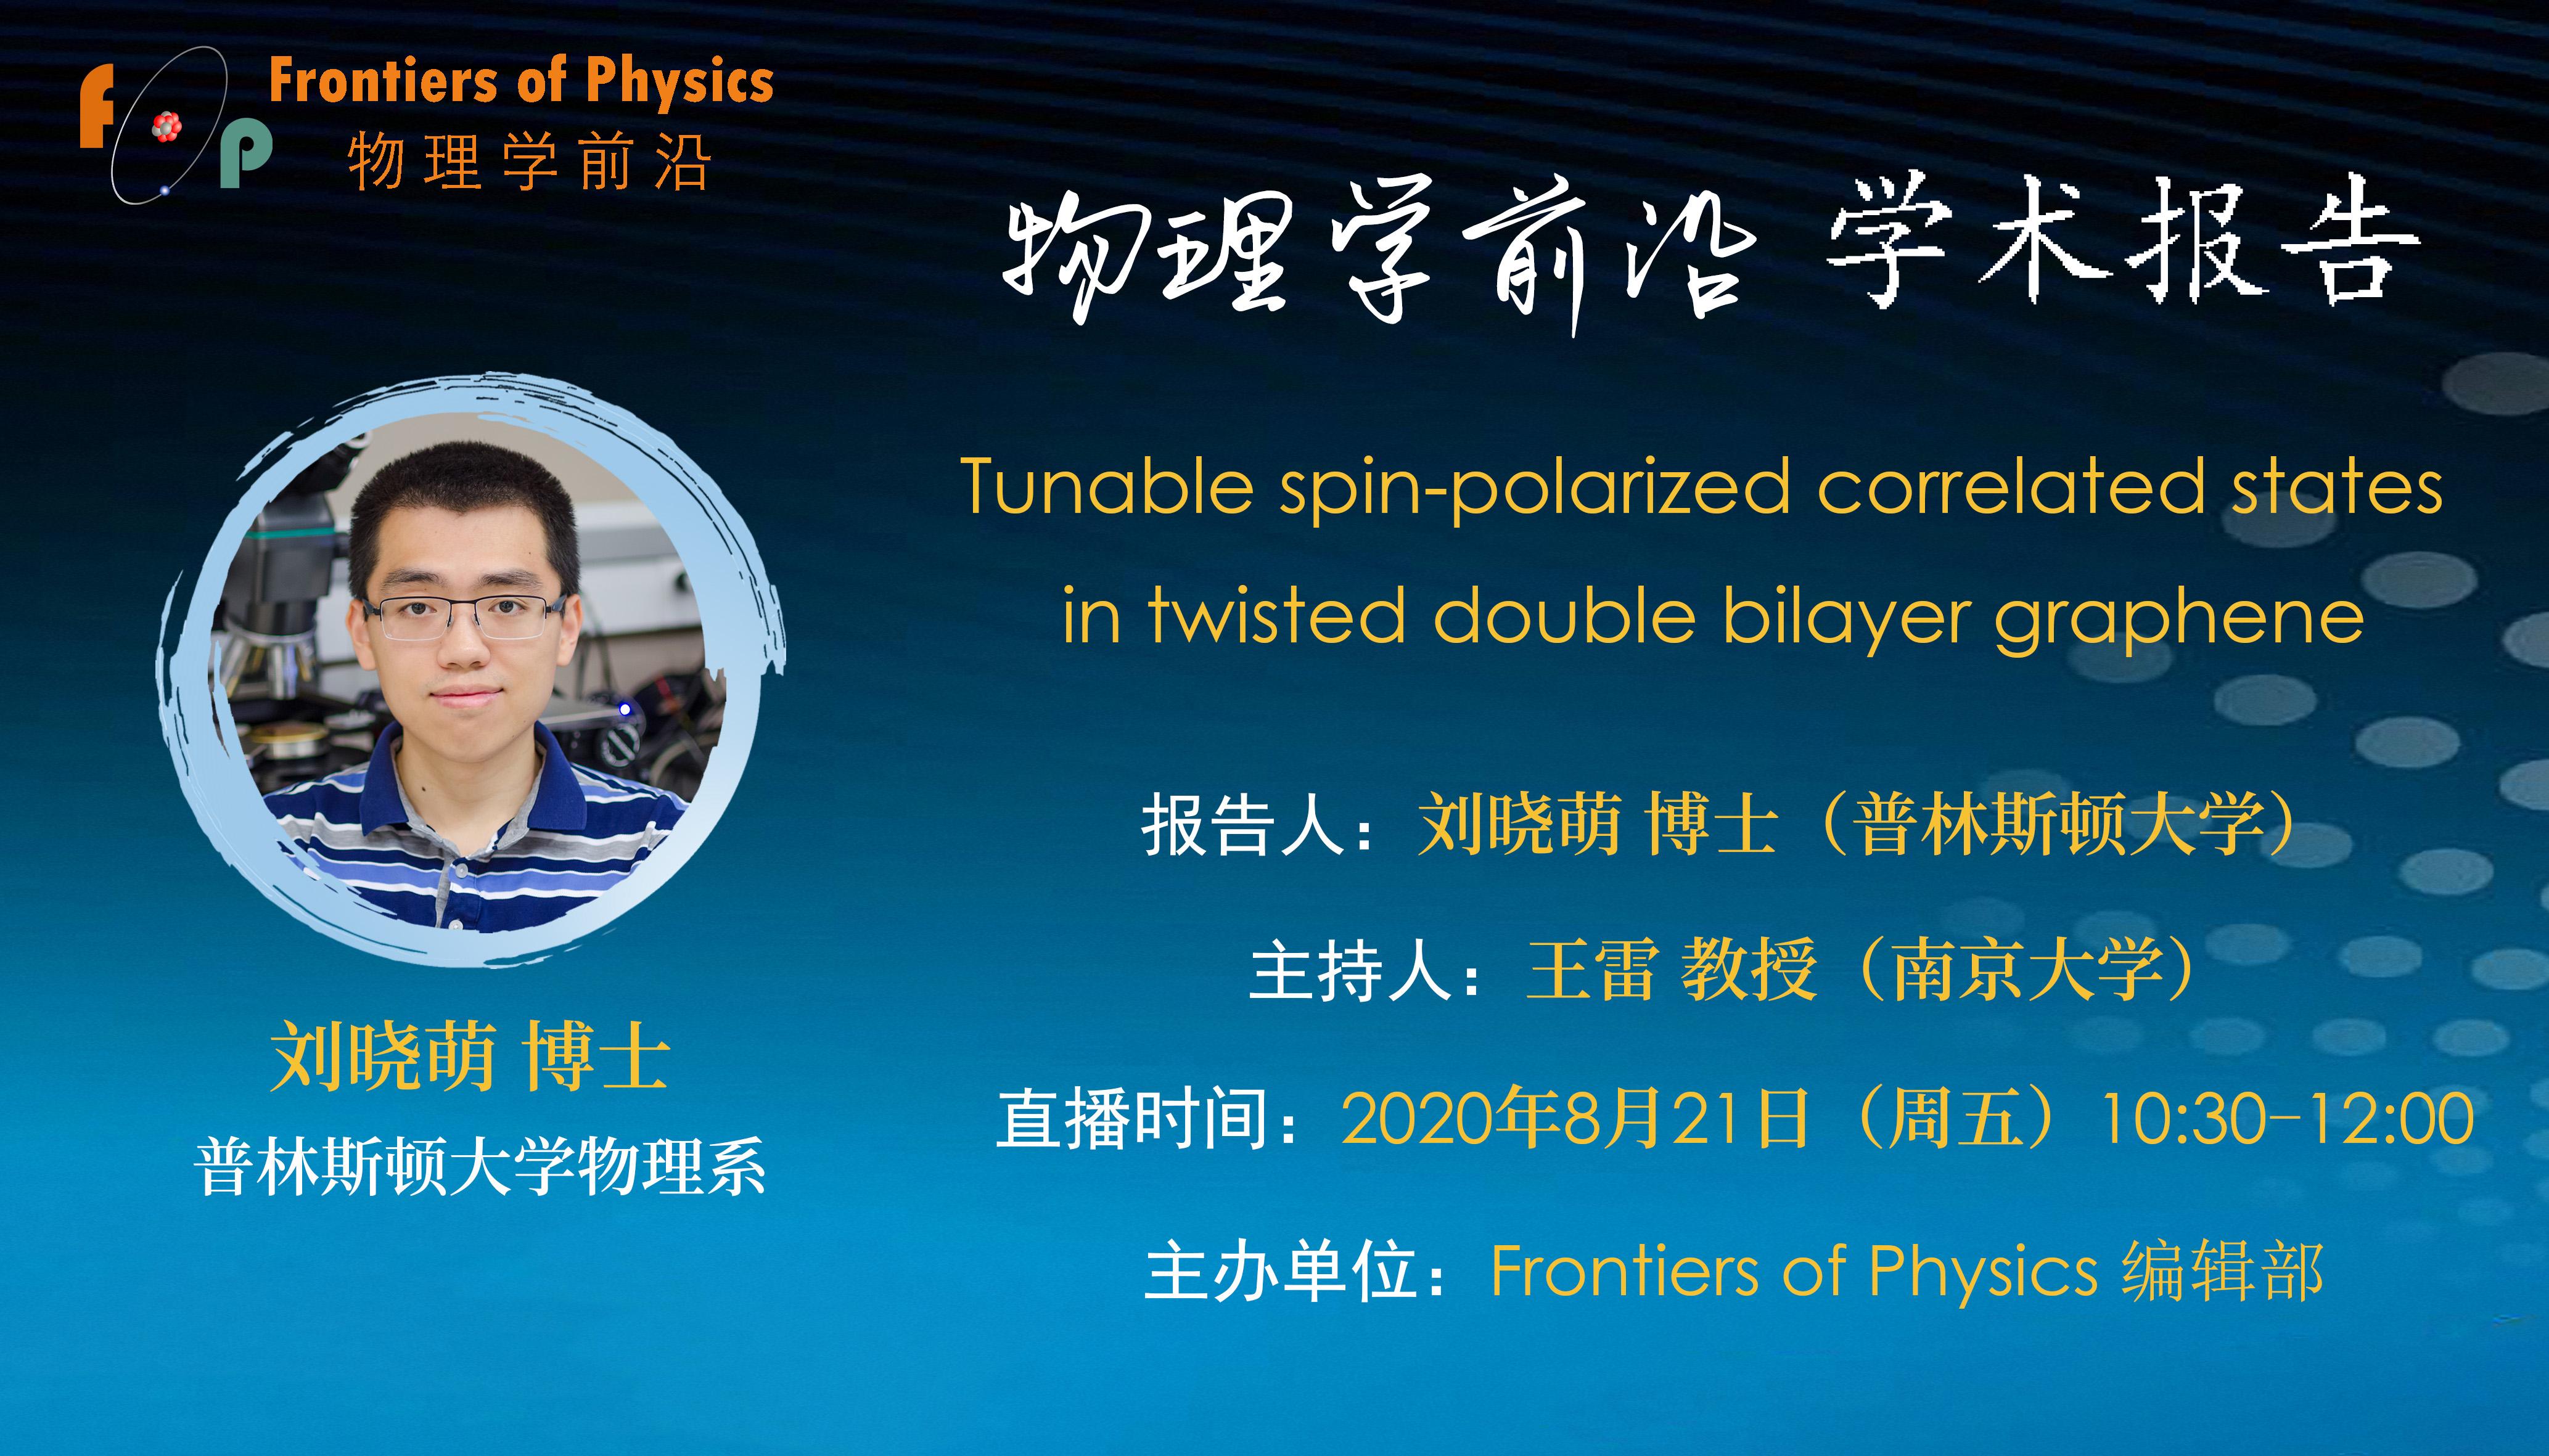 物理学前沿学术报告-刘晓萌横版.jpg